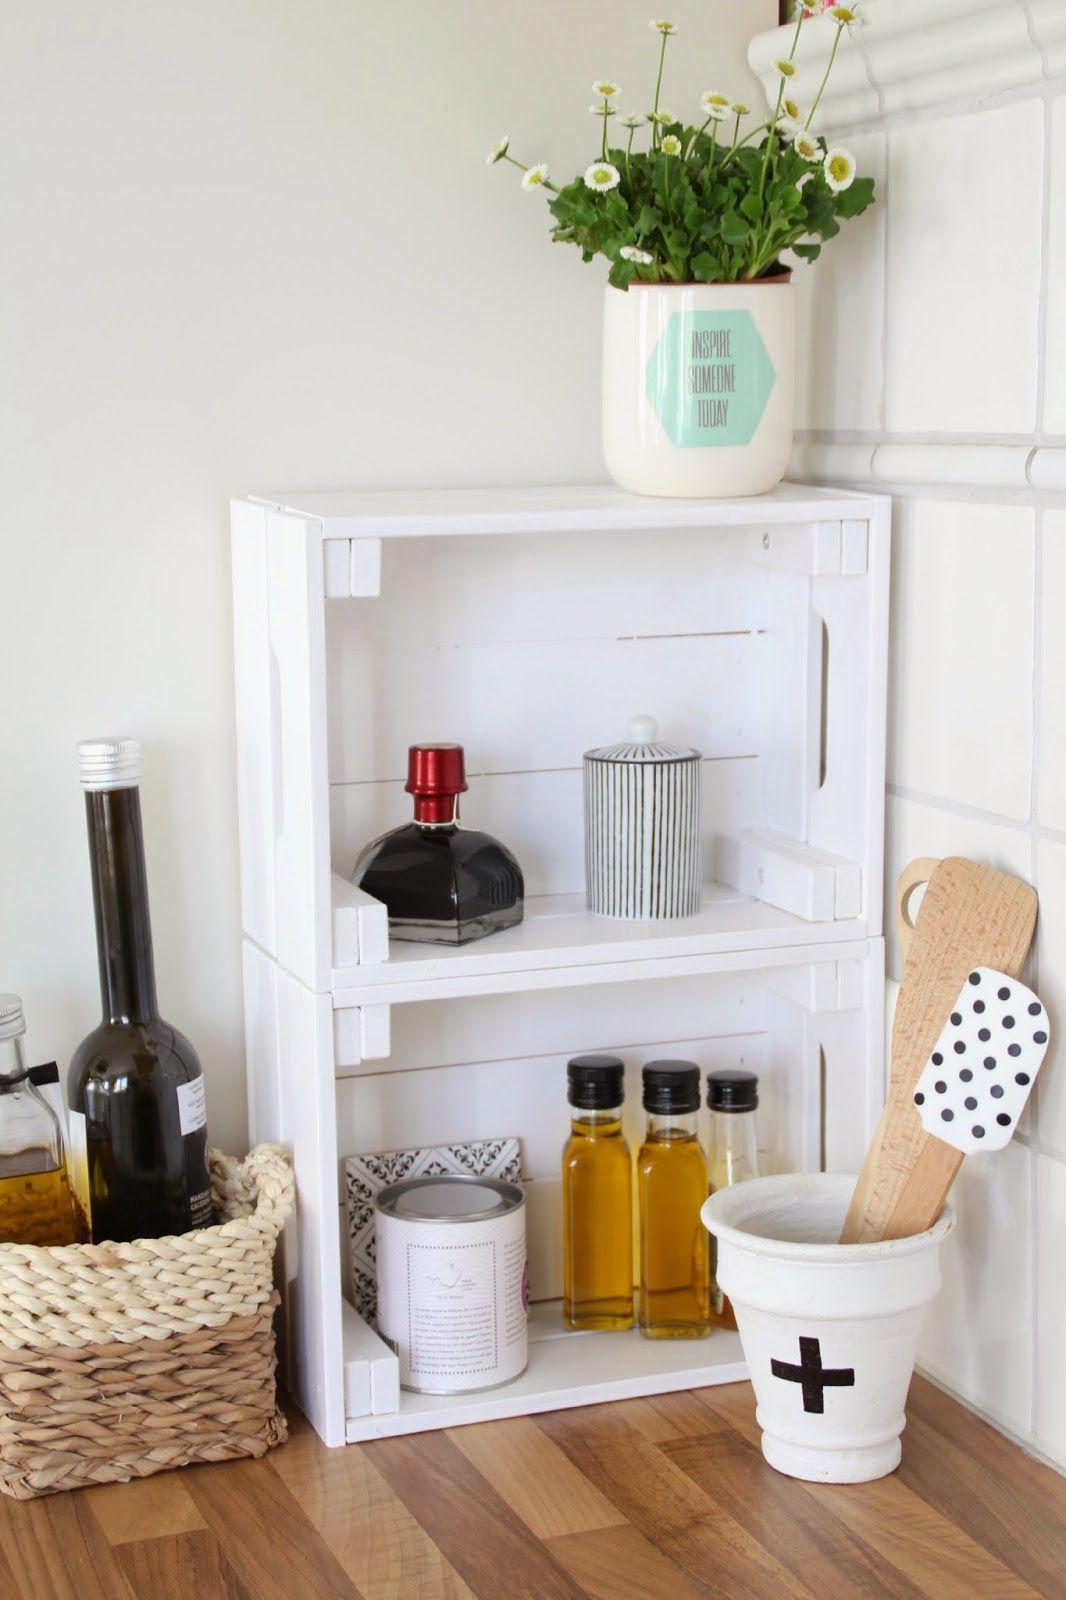 kleine zimmerrenovierung kucheninsel hack design, kennt ihr schon knagglig | apartment life | pinterest | ikea, diy, Innenarchitektur